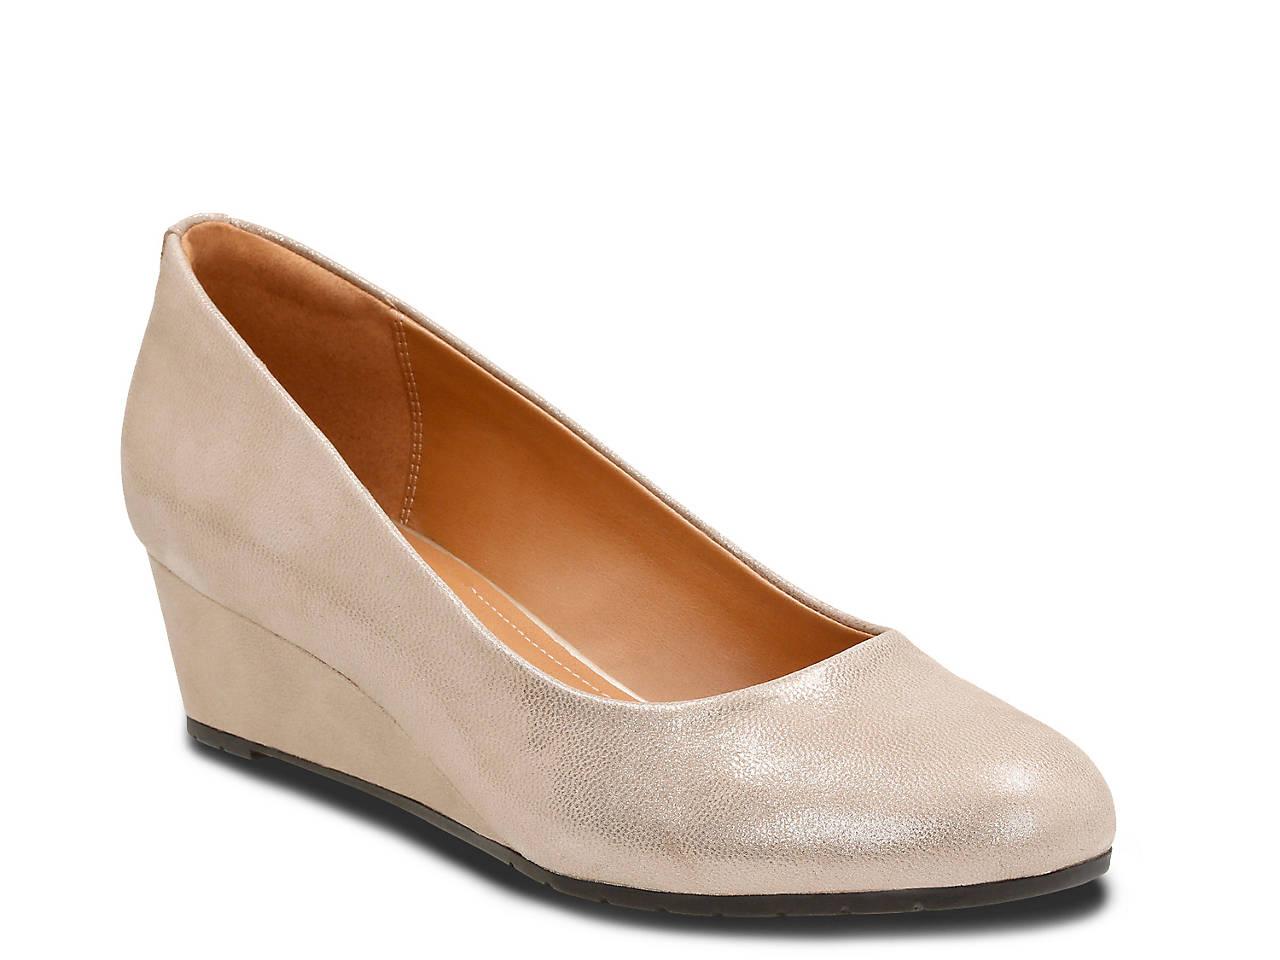 3d8d36018d9 Clarks Vendra Bloom Wedge Pump Women s Shoes